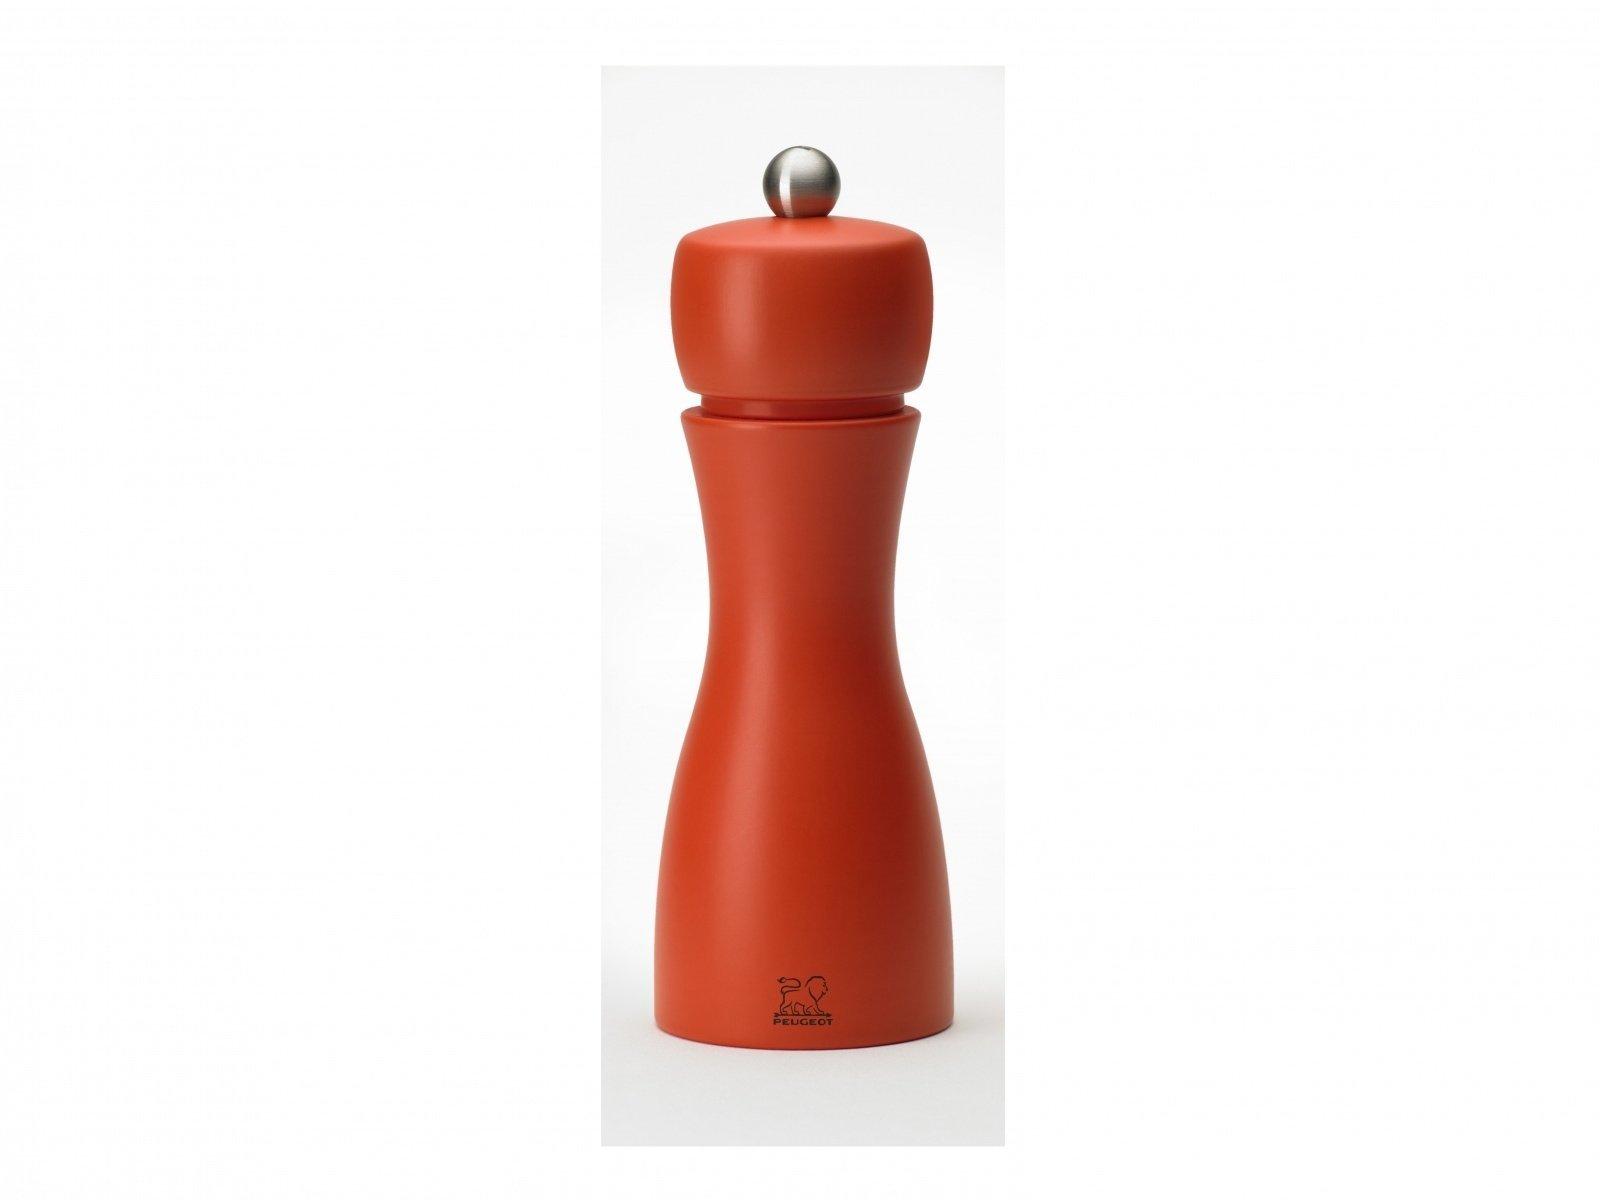 Мельницы Tahiti Peugeot для соли и перца, 15 см, коралловый+оранжевый (набор)